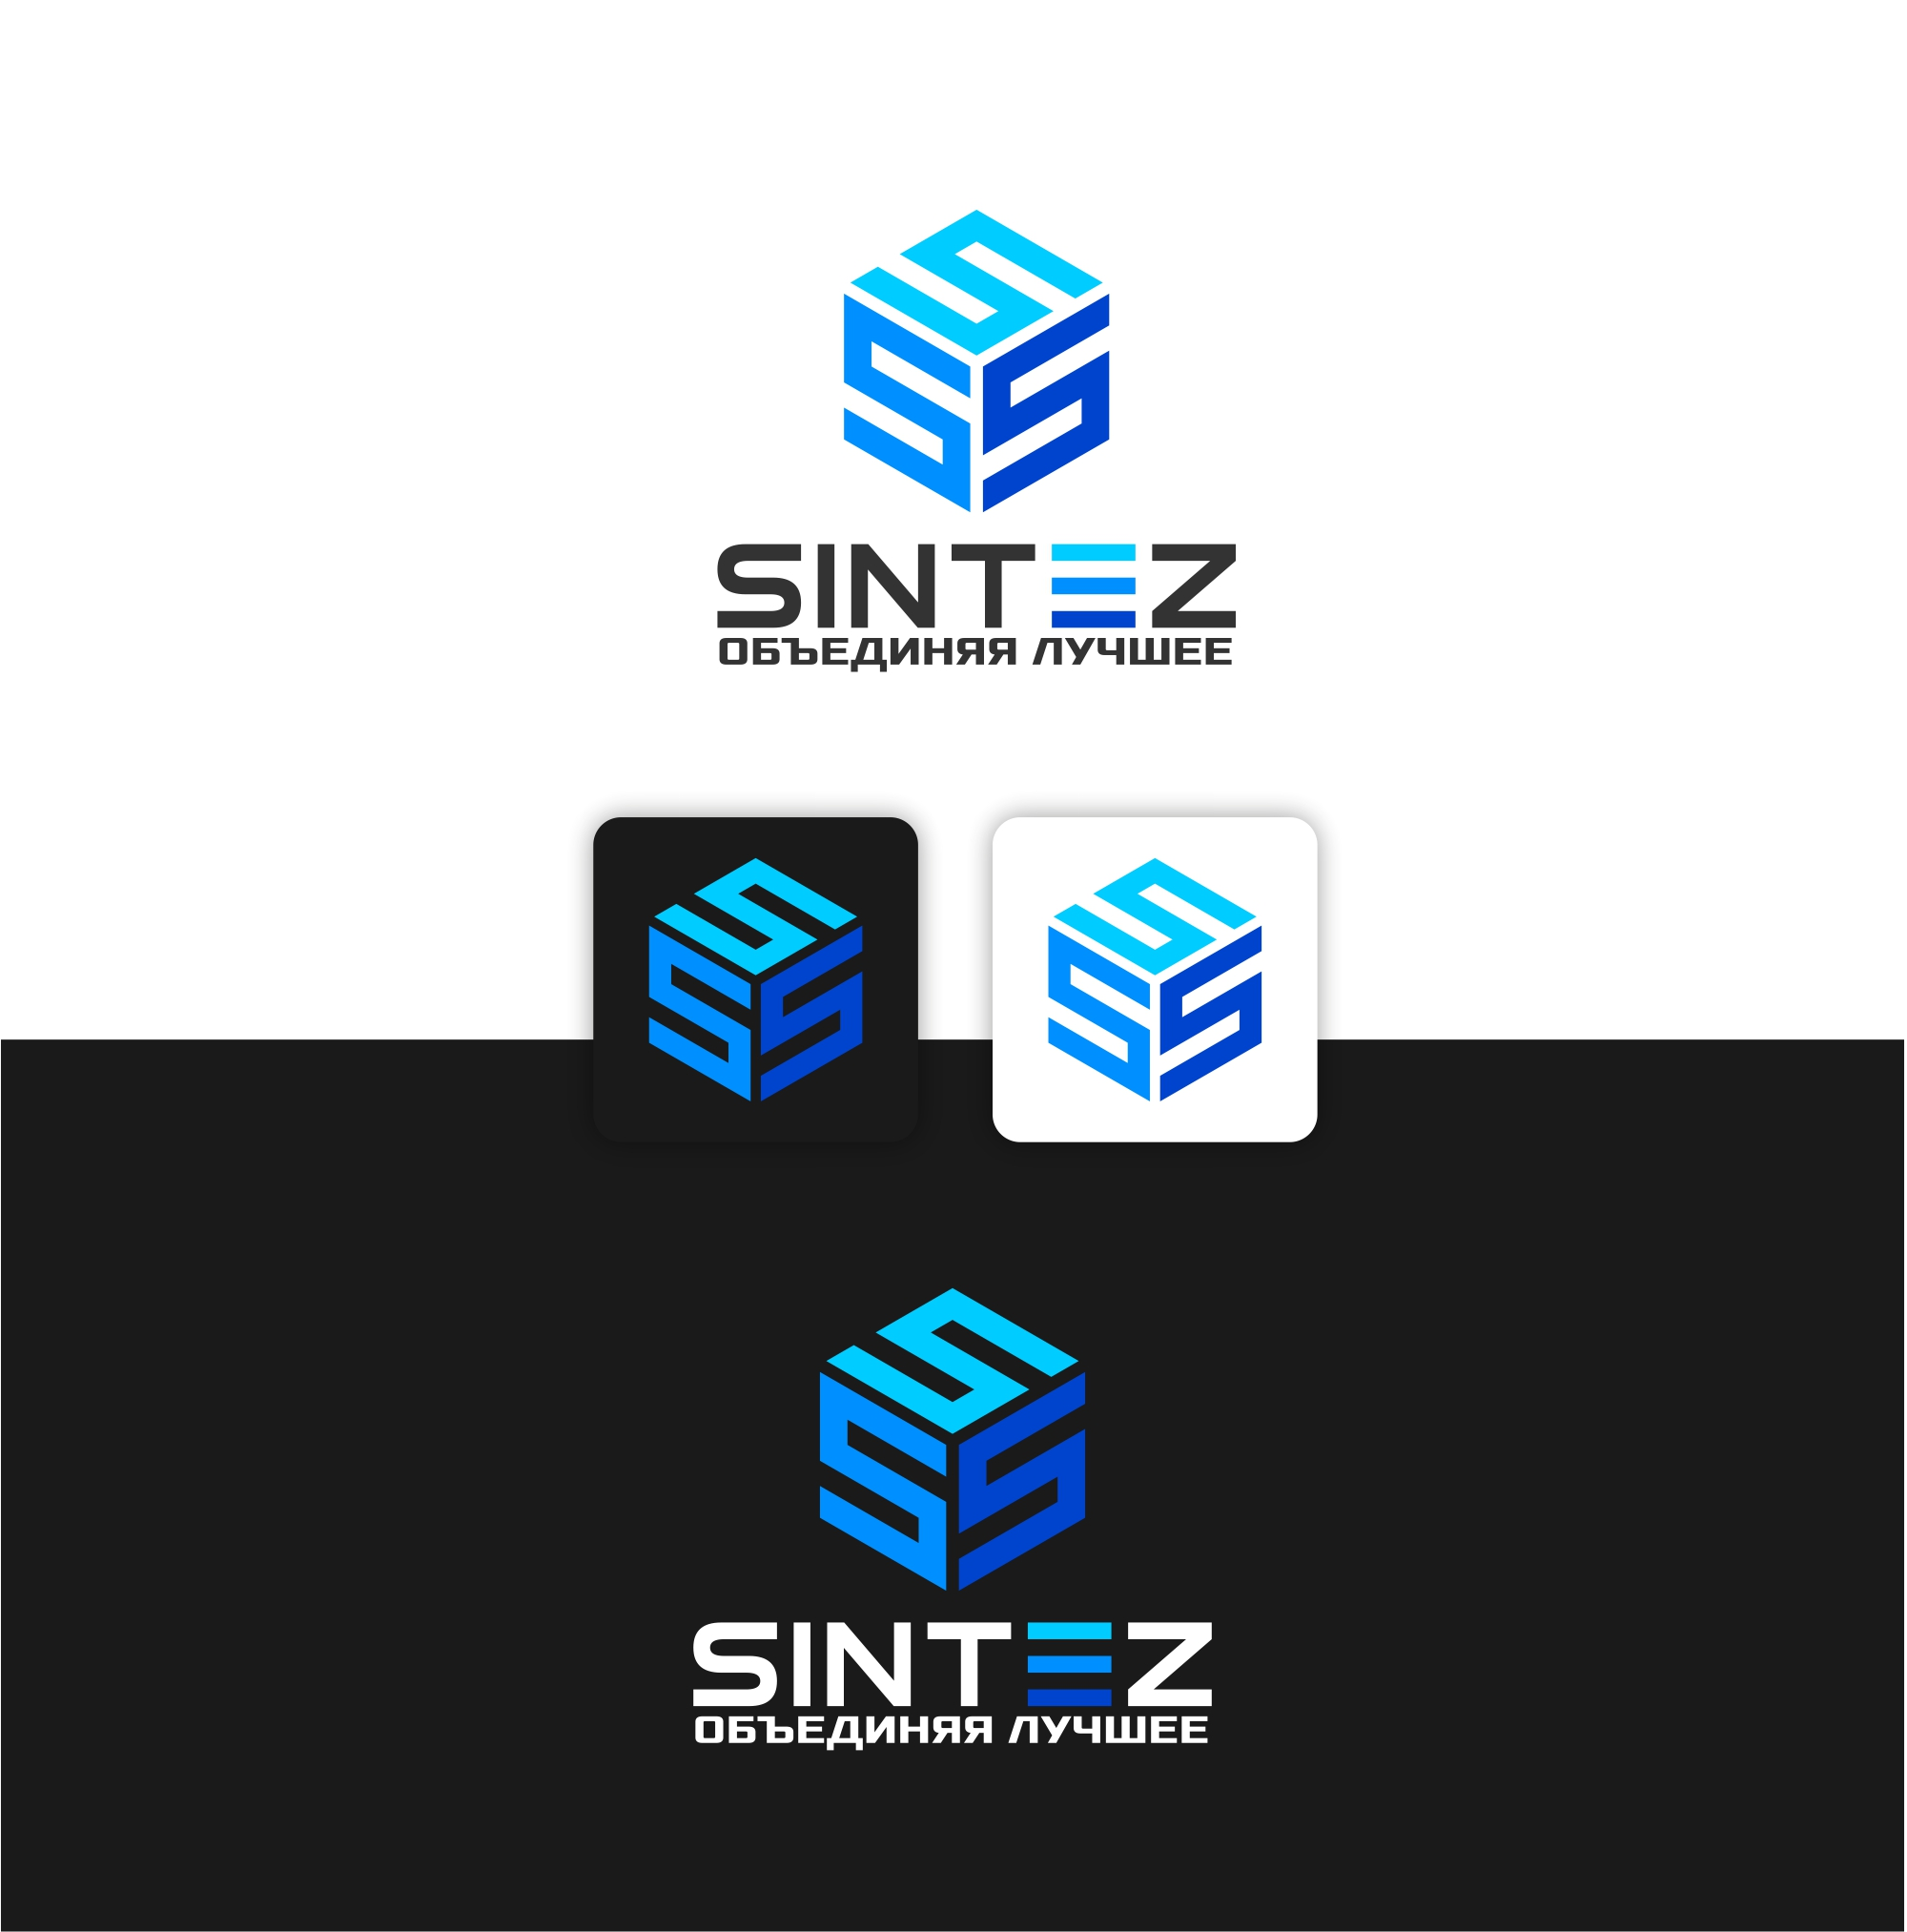 Разрабтка логотипа компании и фирменного шрифта фото f_3245f61edda038bd.jpg